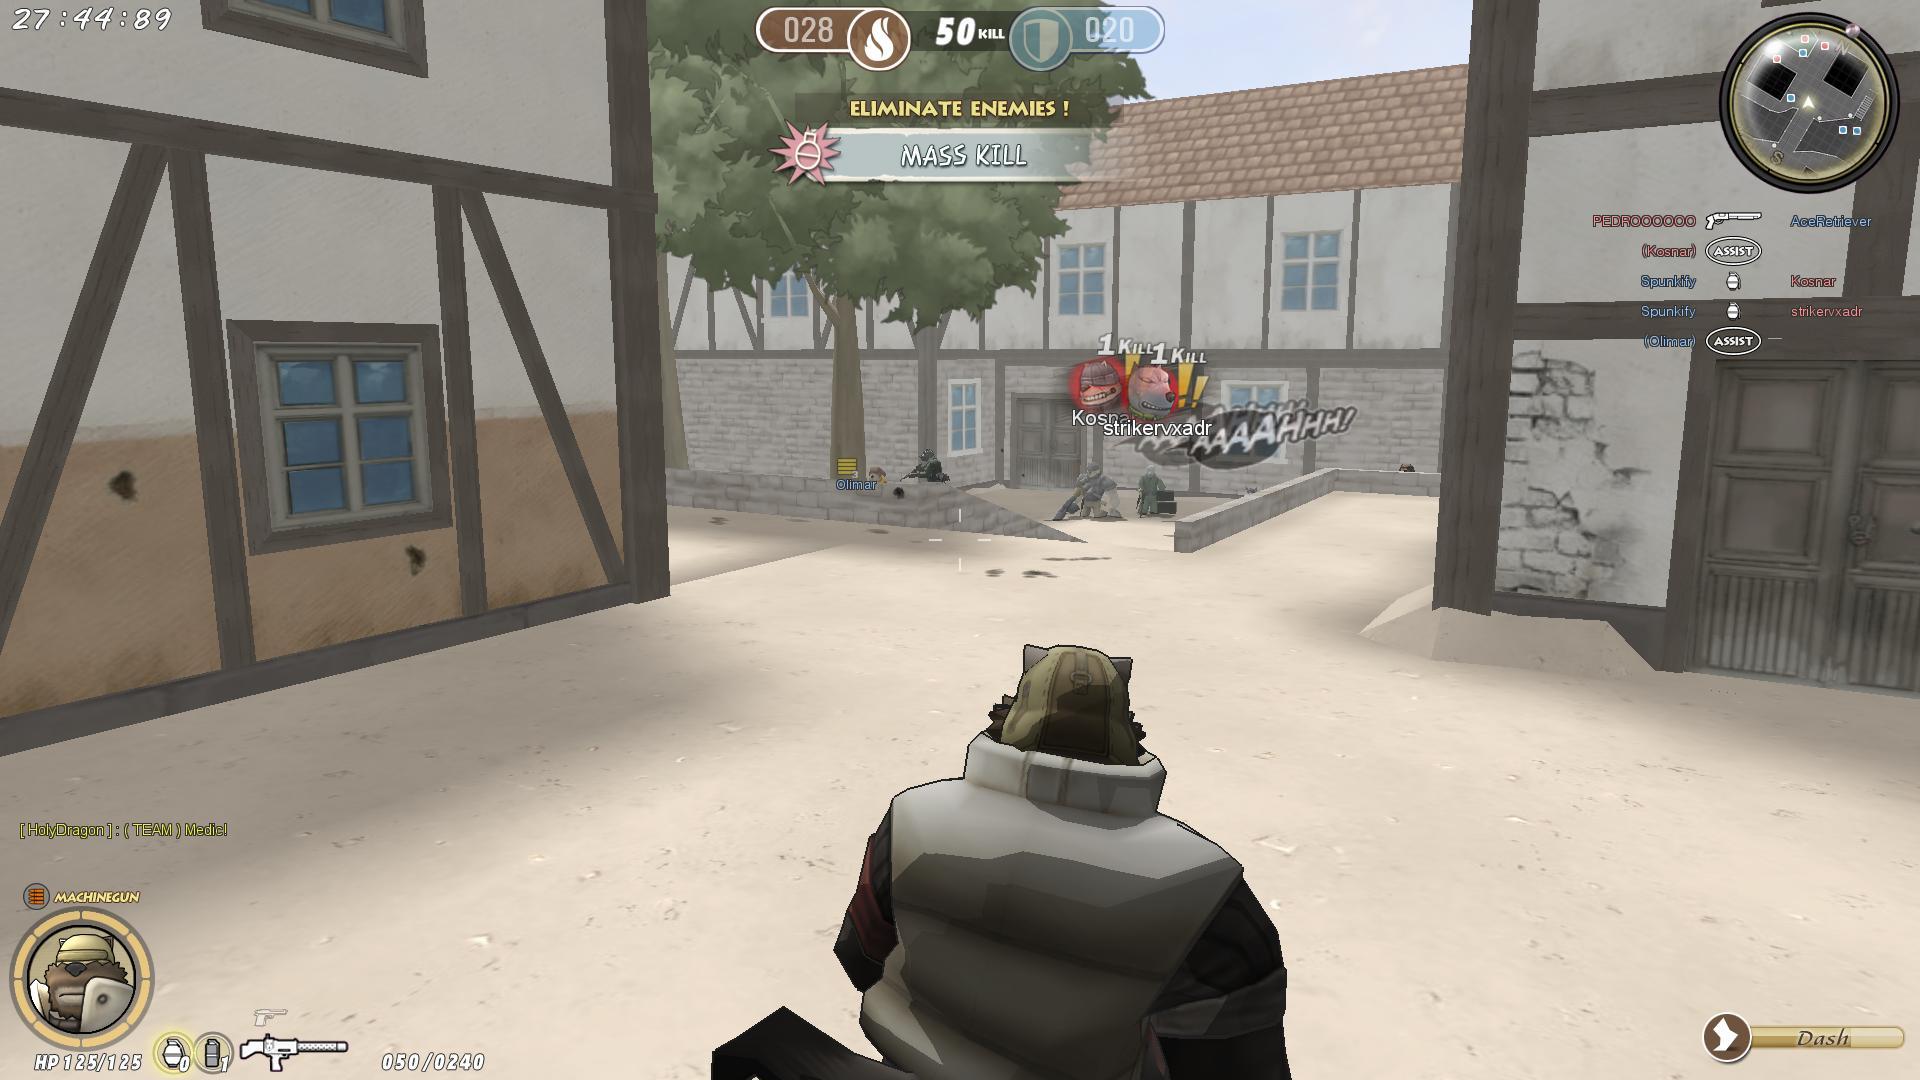 Gundog1